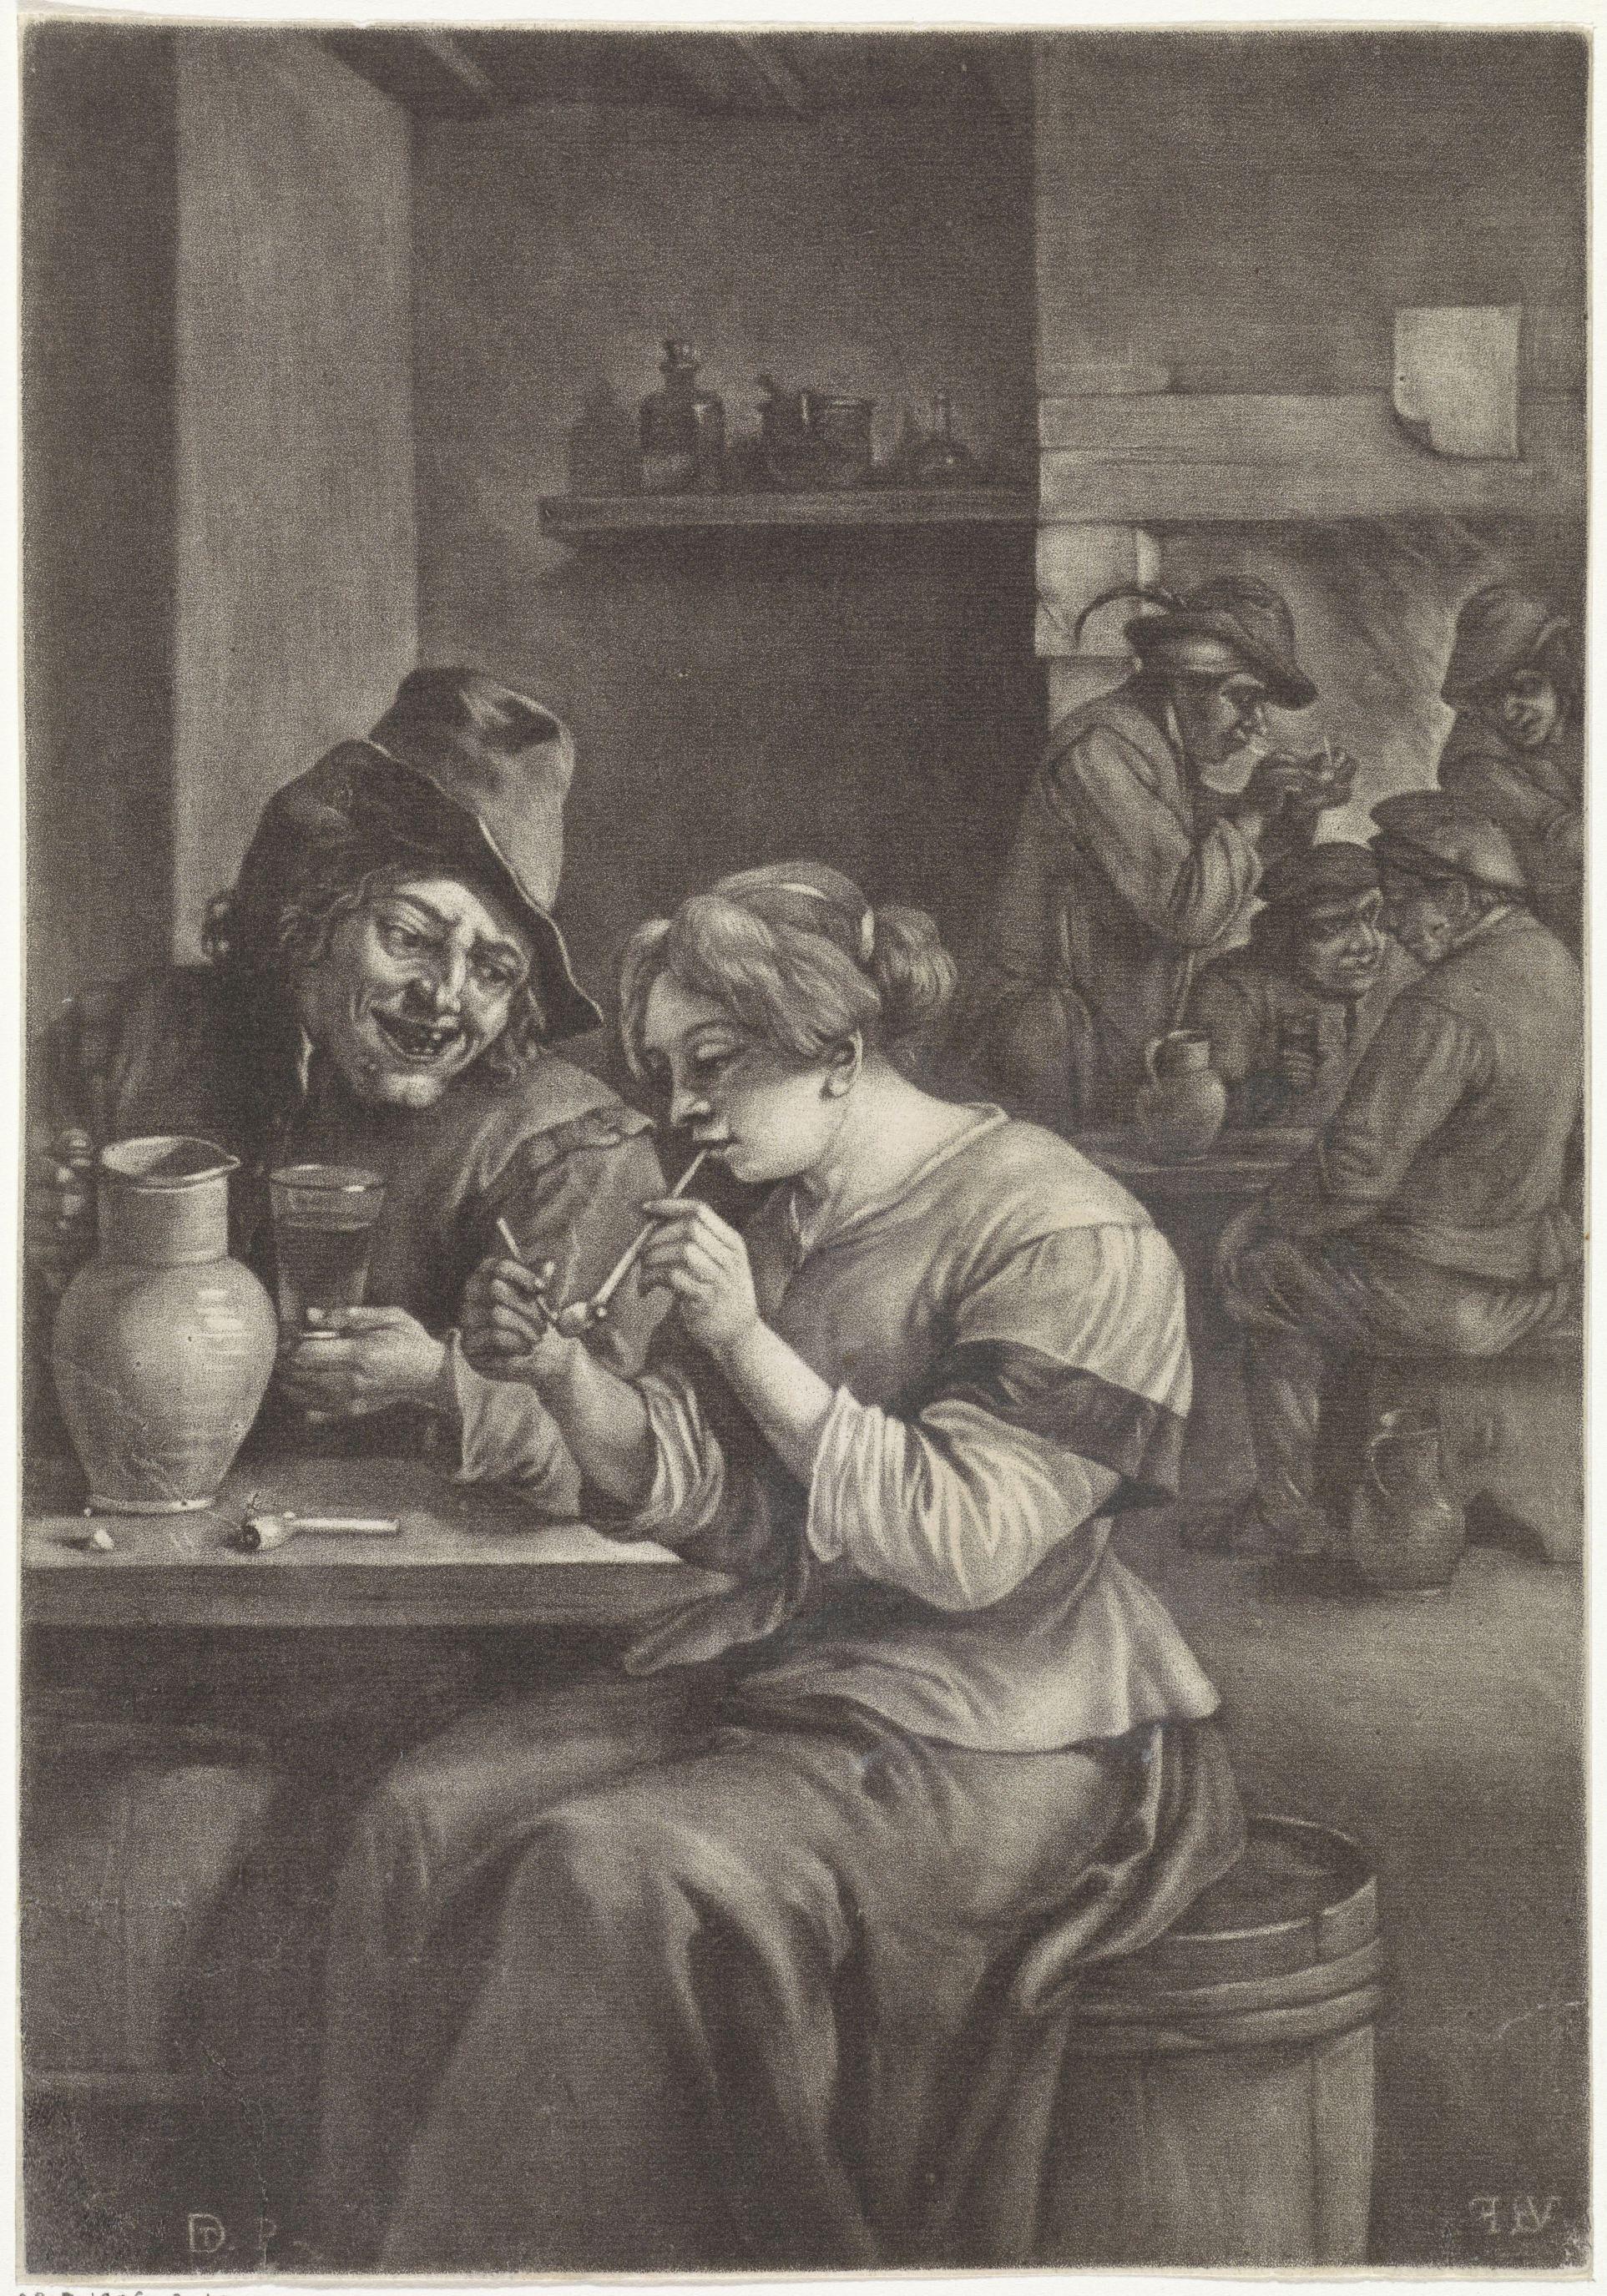 Vrouw steekt haar pijp aan, Jan van der Bruggen, naar David Teniers (II), 1659 - 1689 RP-P-1906-3040